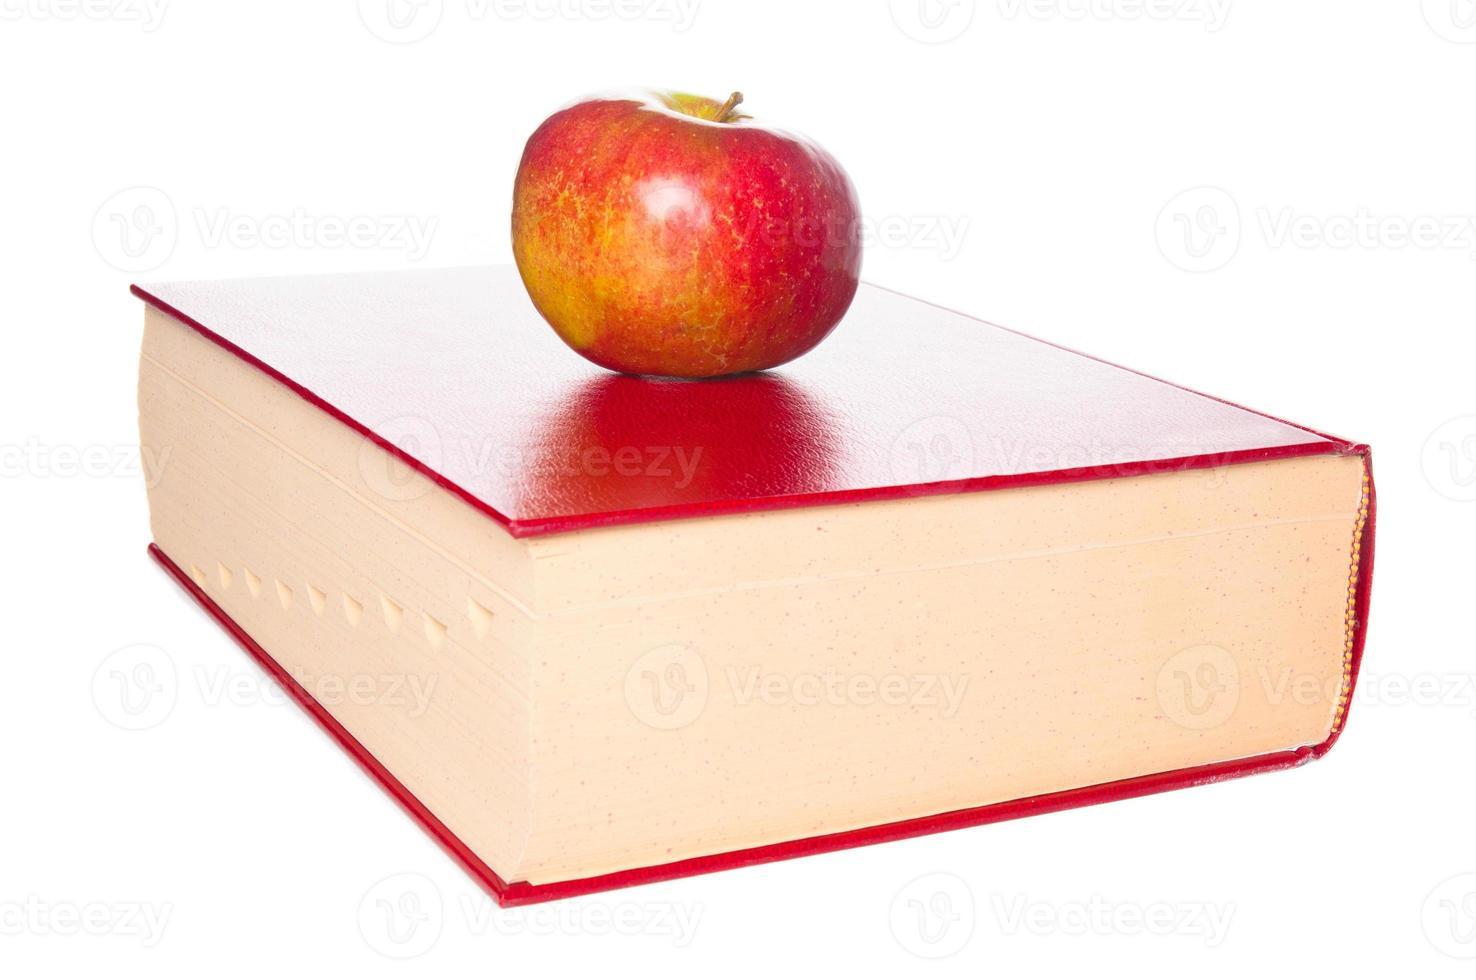 primo piano della mela e del dizionario su priorità bassa bianca foto